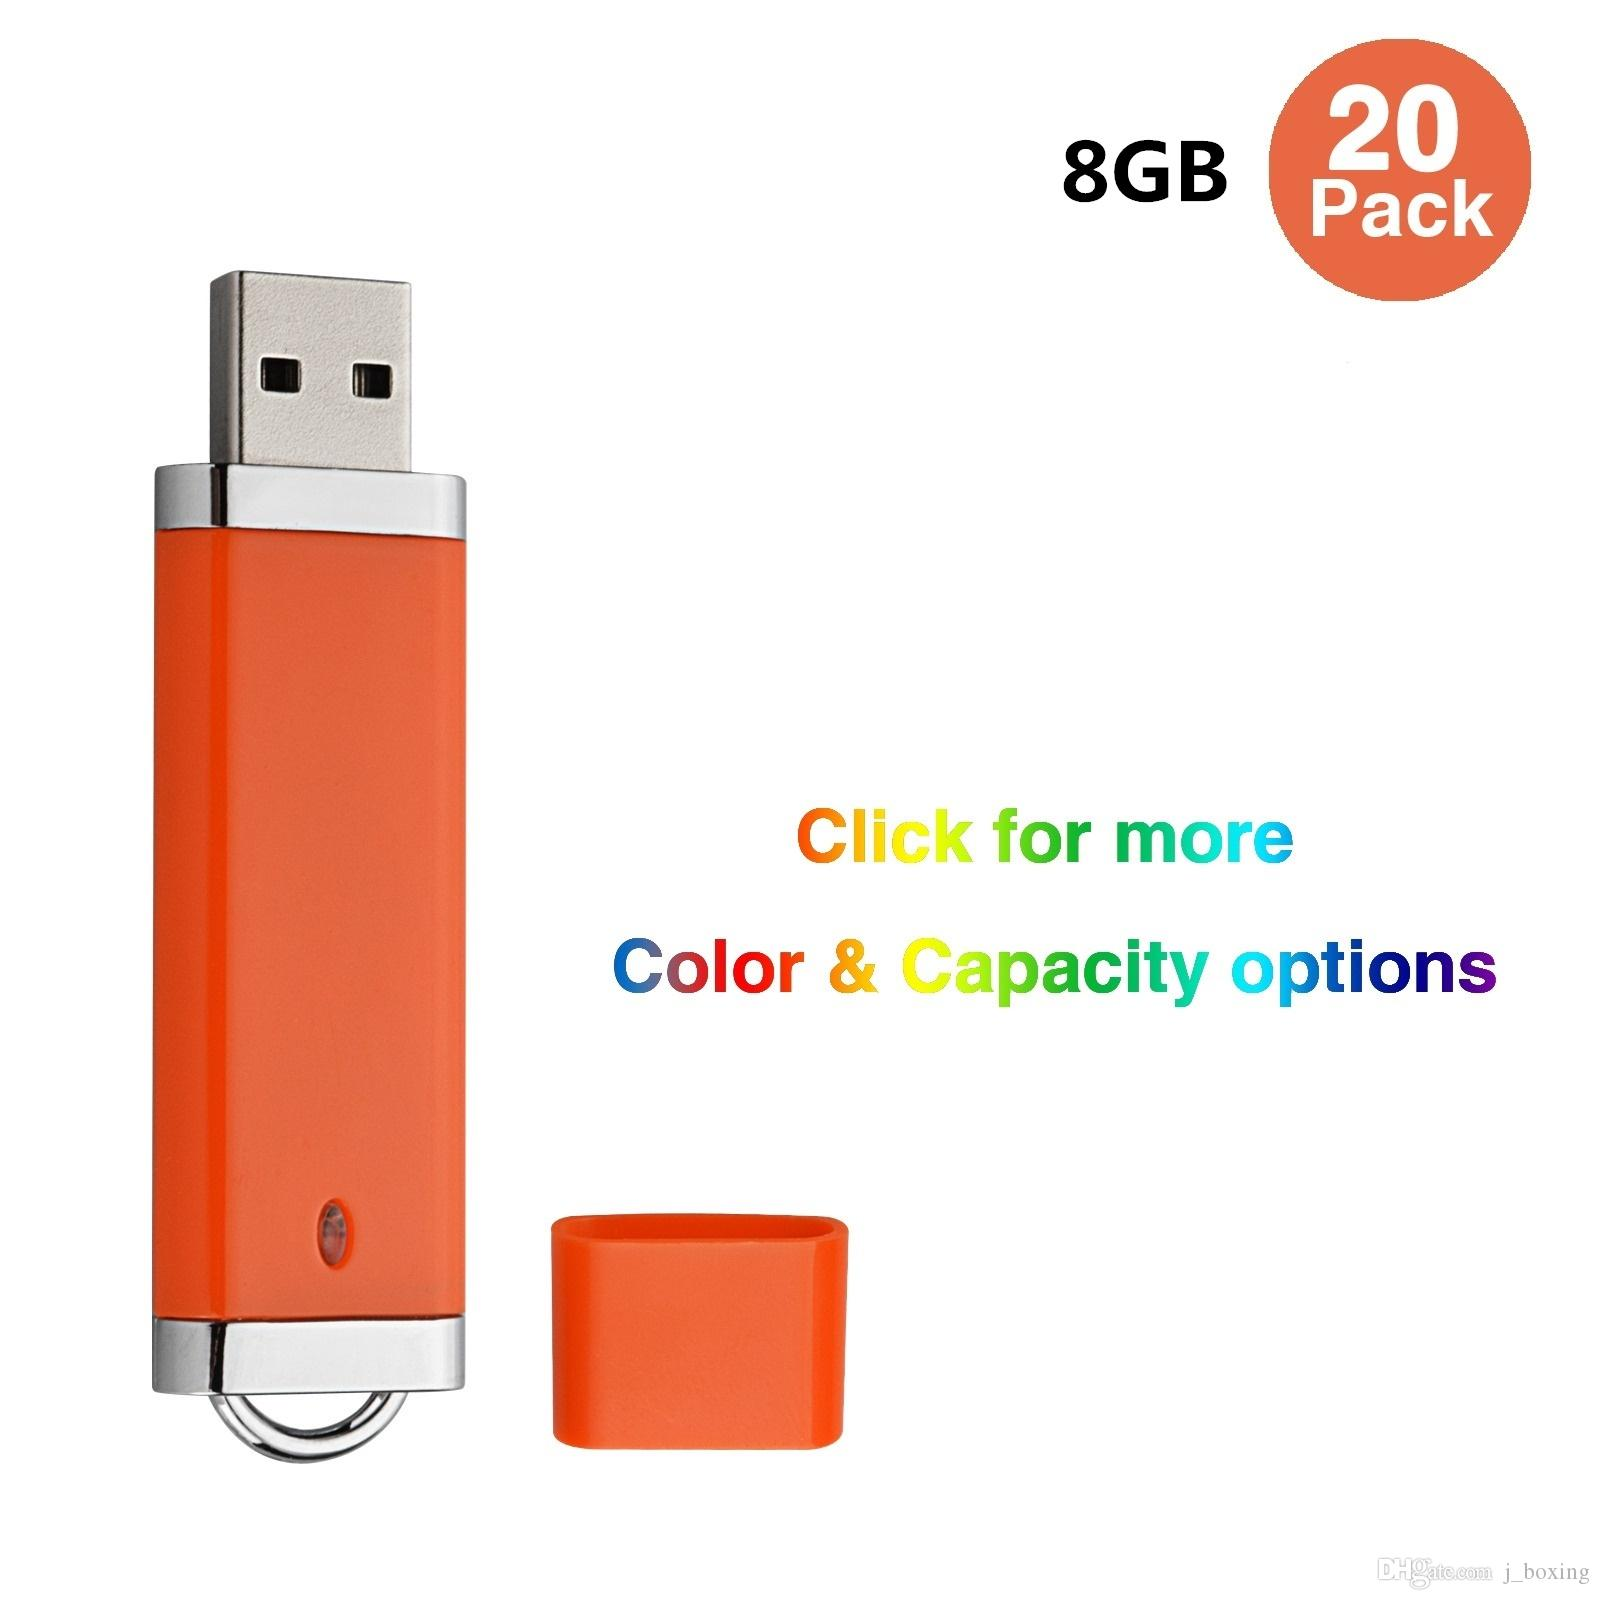 Toplu 20 Çakmak Tasarım 8 GB USB 2.0 Flash Sürücüler Bilgisayar Laptop için Flash Memory Stick Kalem Sürücü Başparmak Depolama LED Göstergesi Çok renkler